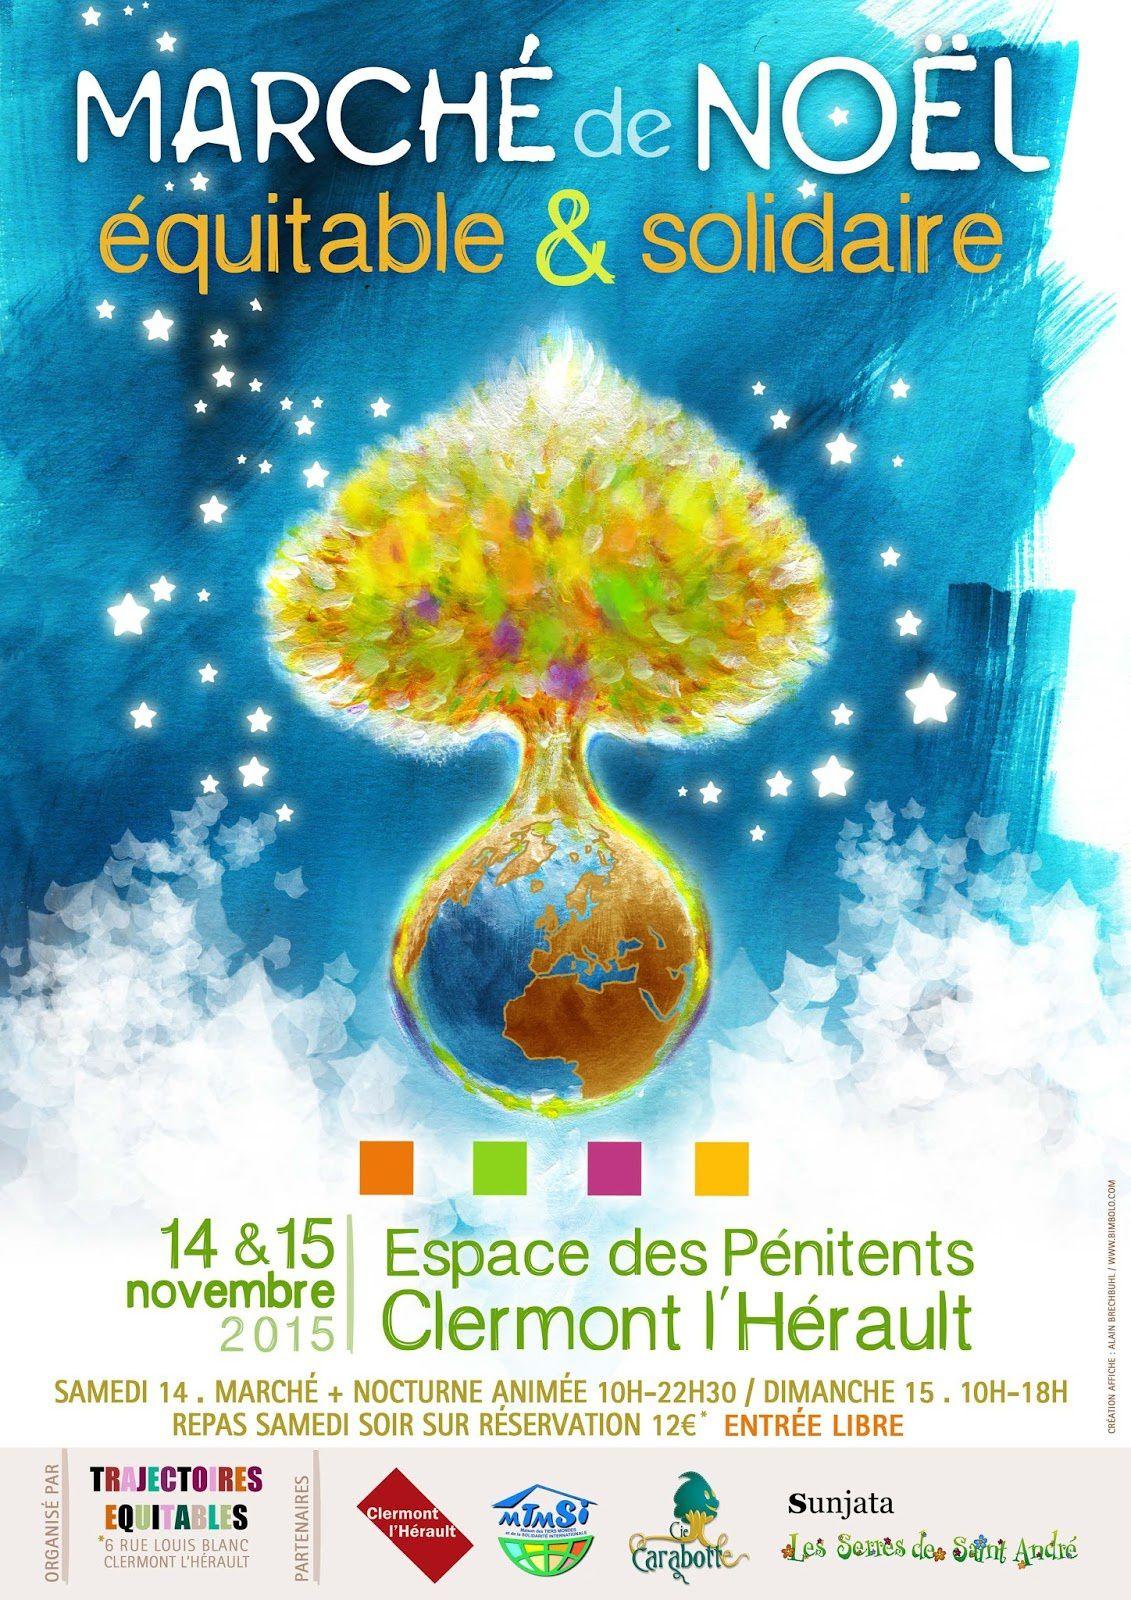 Marché de Noël Equitable et solidaire